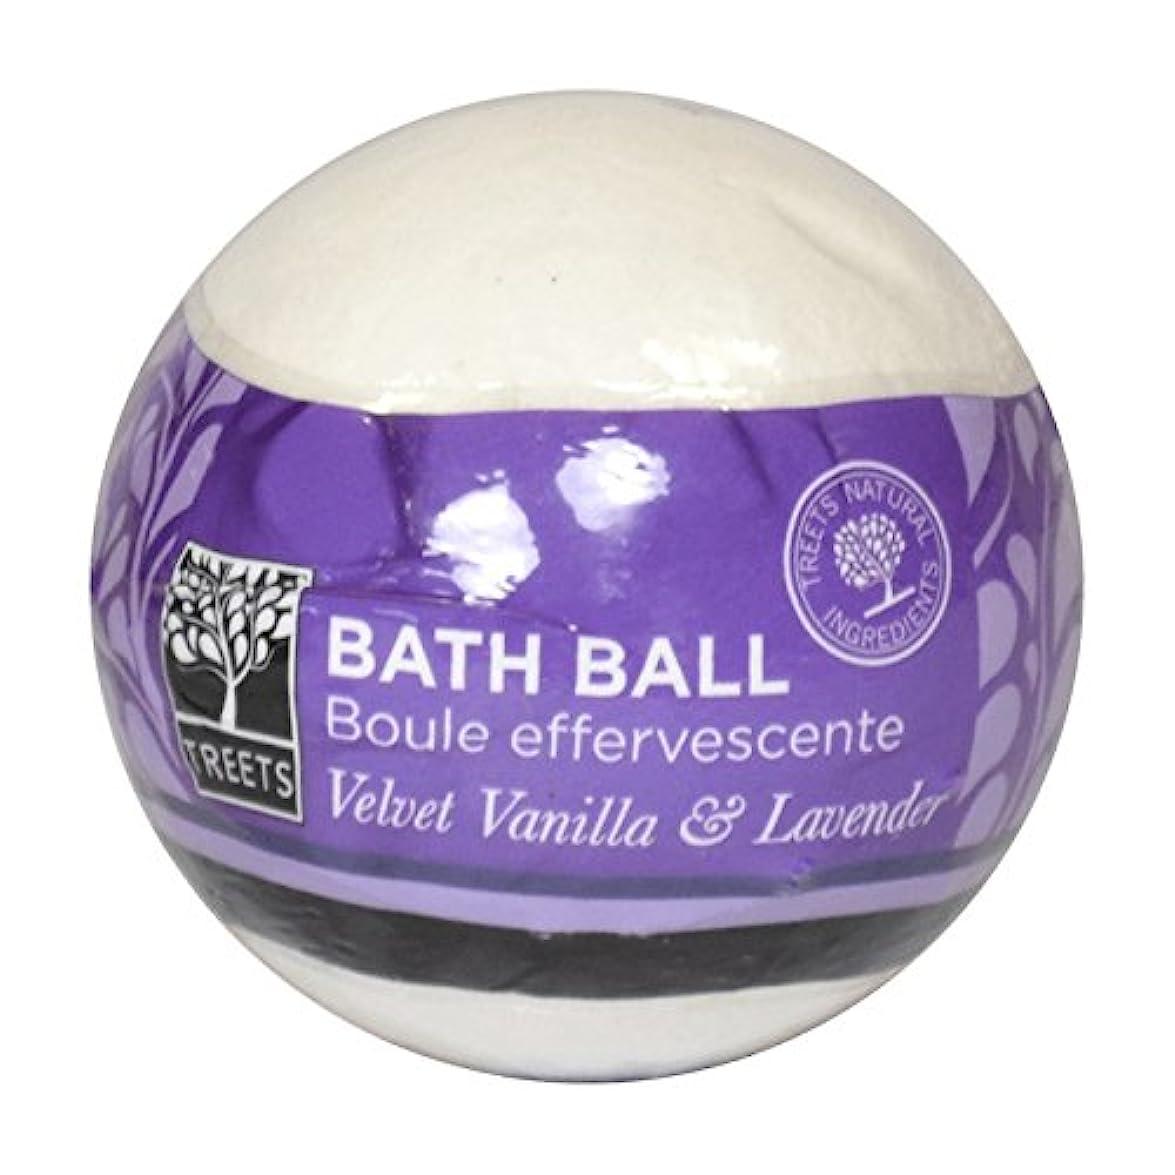 海洋ショット複合Treetsベルベットのバニラ&ラベンダーバスボール - Treets Velvet Vanilla & Lavender Bath Ball (Treets) [並行輸入品]